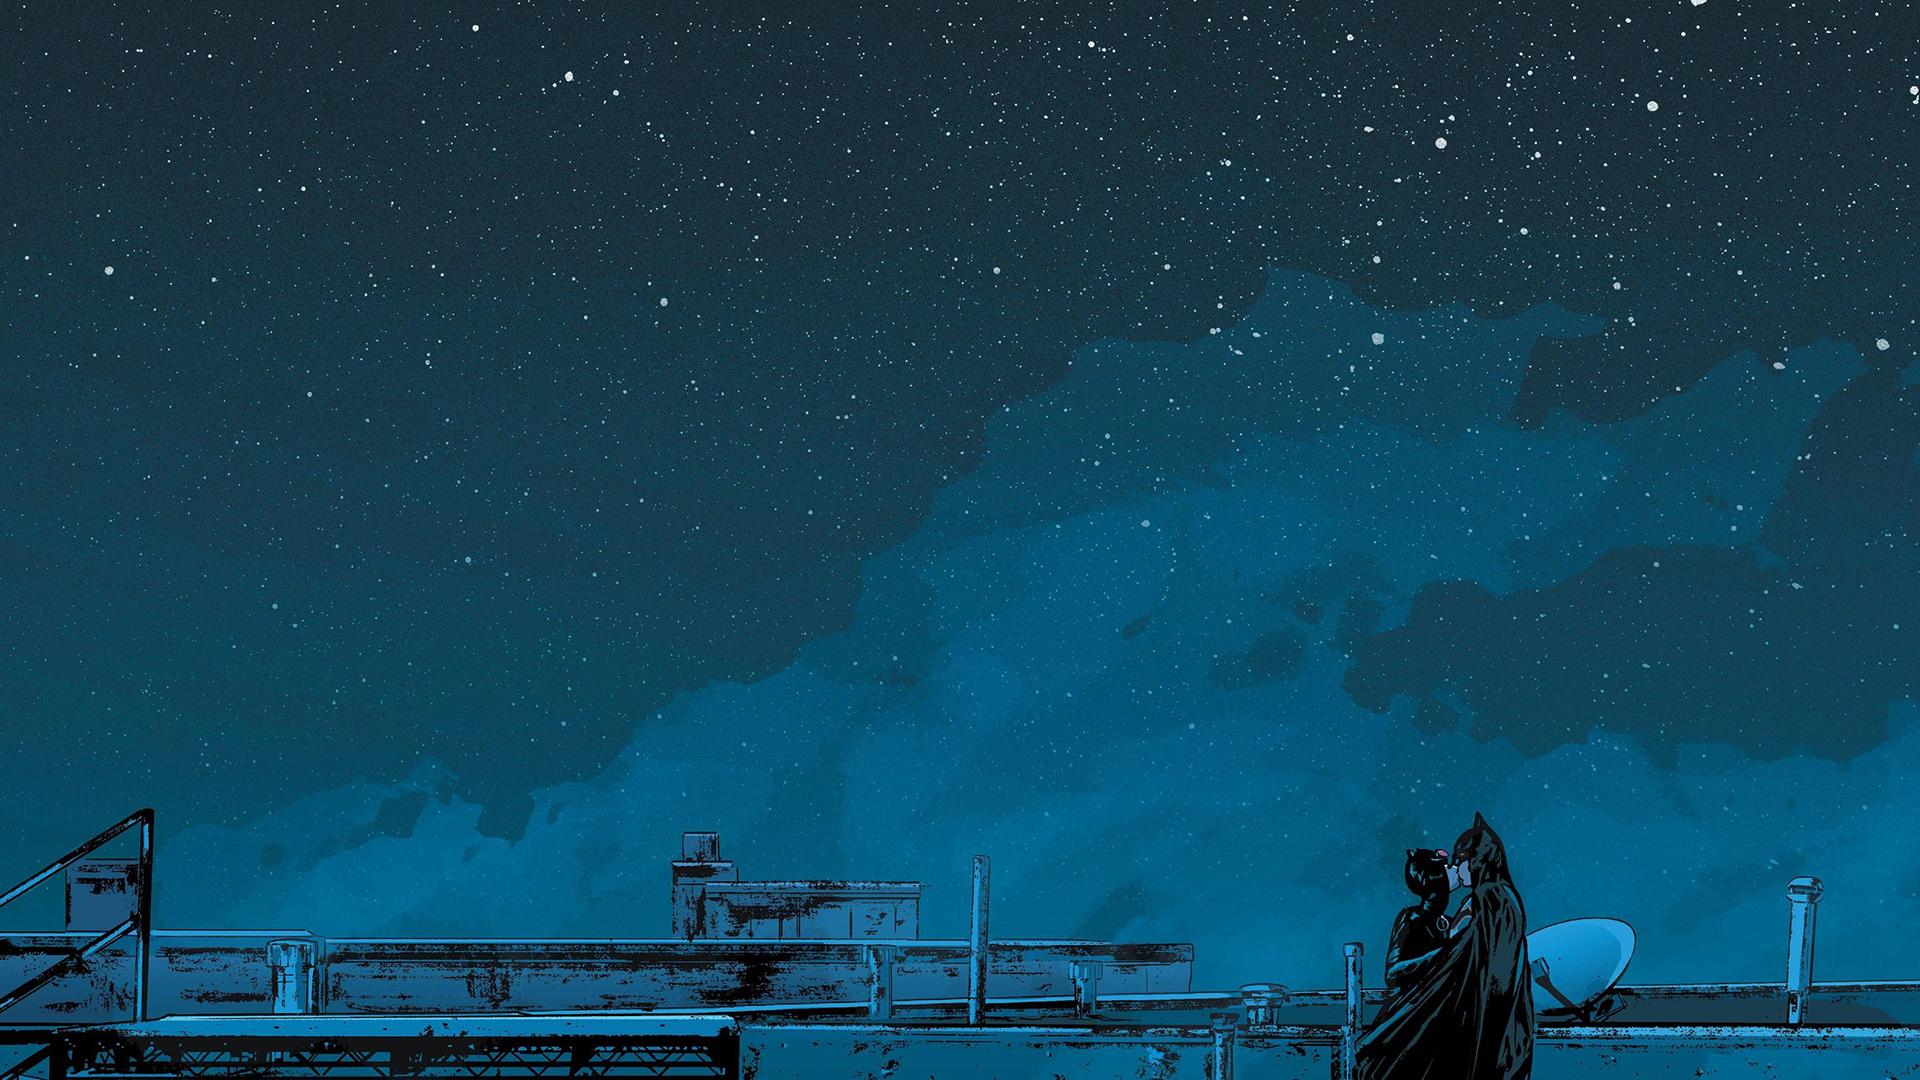 Wallpaper Batman Catwoman Moonlight Night Sky Starry Night